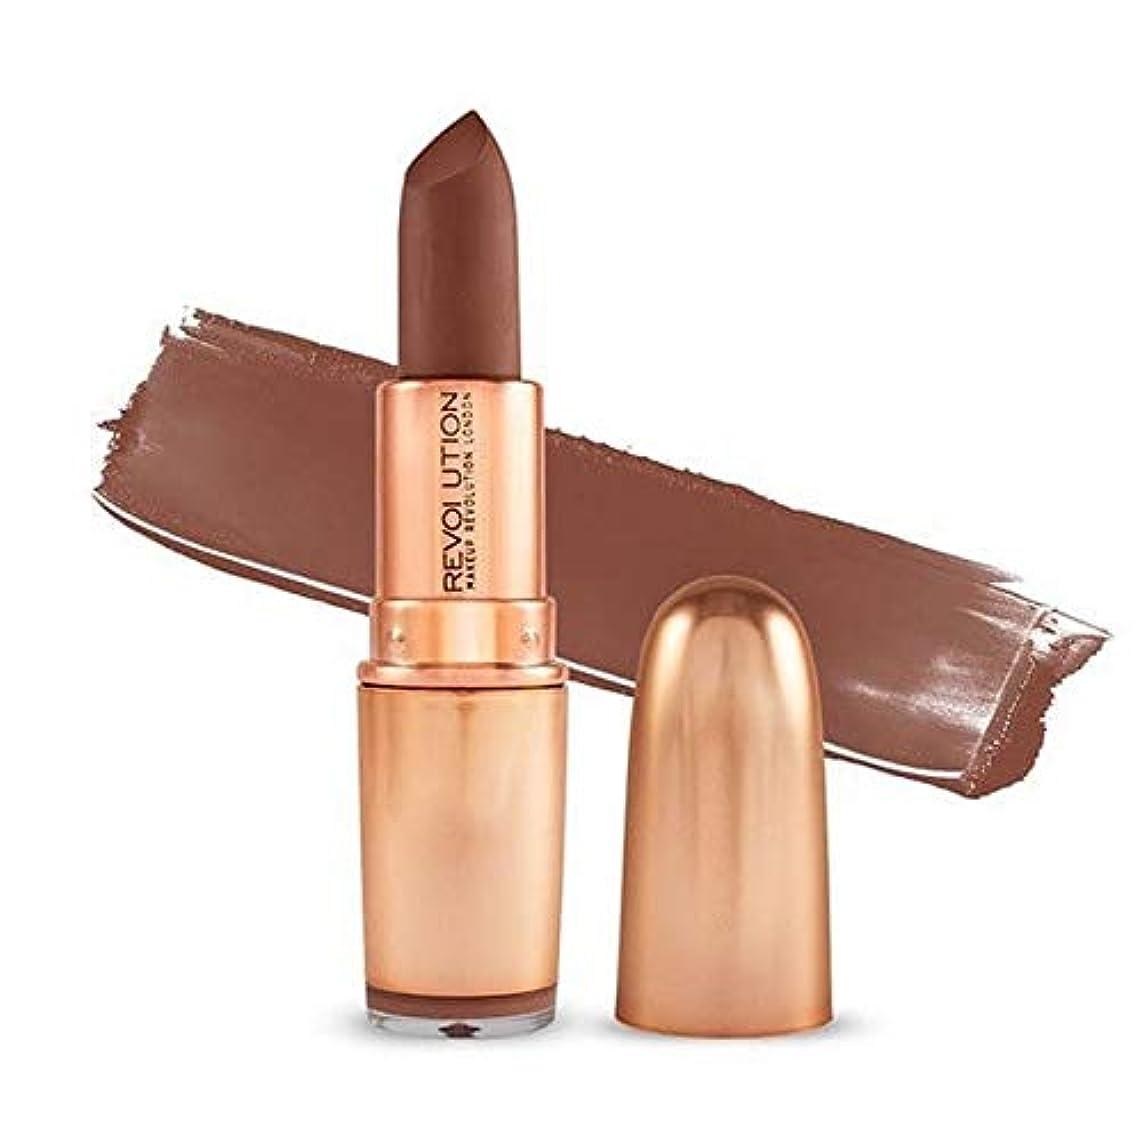 サラダパブルート[Revolution ] 革命の象徴的なマットヌード口紅のインスピレーション - Revolution Iconic Matte Nude Lipstick Inspiration [並行輸入品]